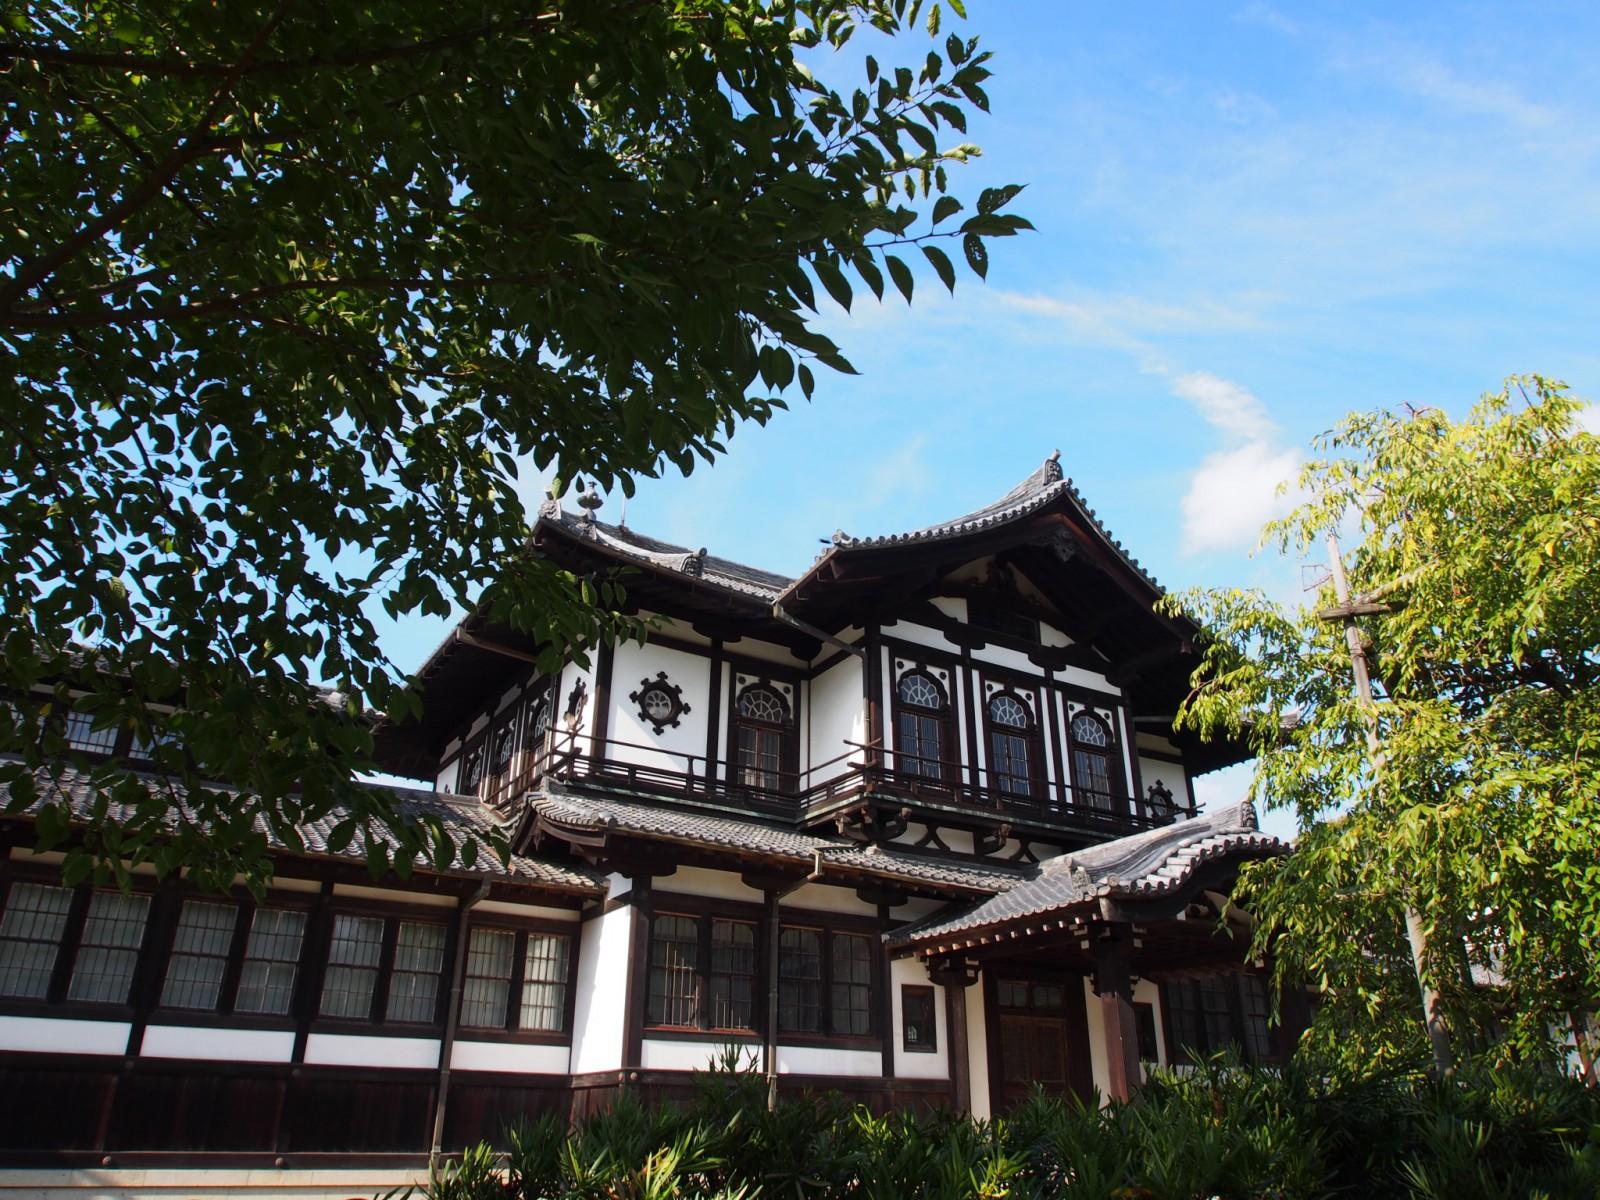 奈良国立博物館仏教美術資料研究センター(旧奈良県物産陳列所)